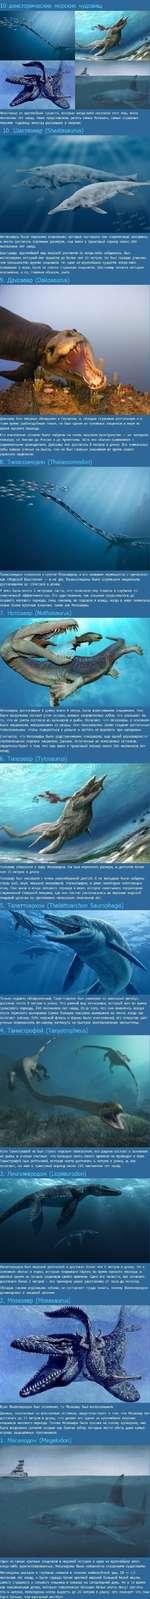 10 доисторических морских чудовищ Некоторые из крупнейших существ, которые когда-либо населяли этот мир, жили миллионы лет назад. Ниже представлены десять самых больших, самых страшных морских чудовищ, некогда рыскавших в океанах: 10. Шастазавр (81па51а5аиги5) Ихтиозавры были морскими хищниками,